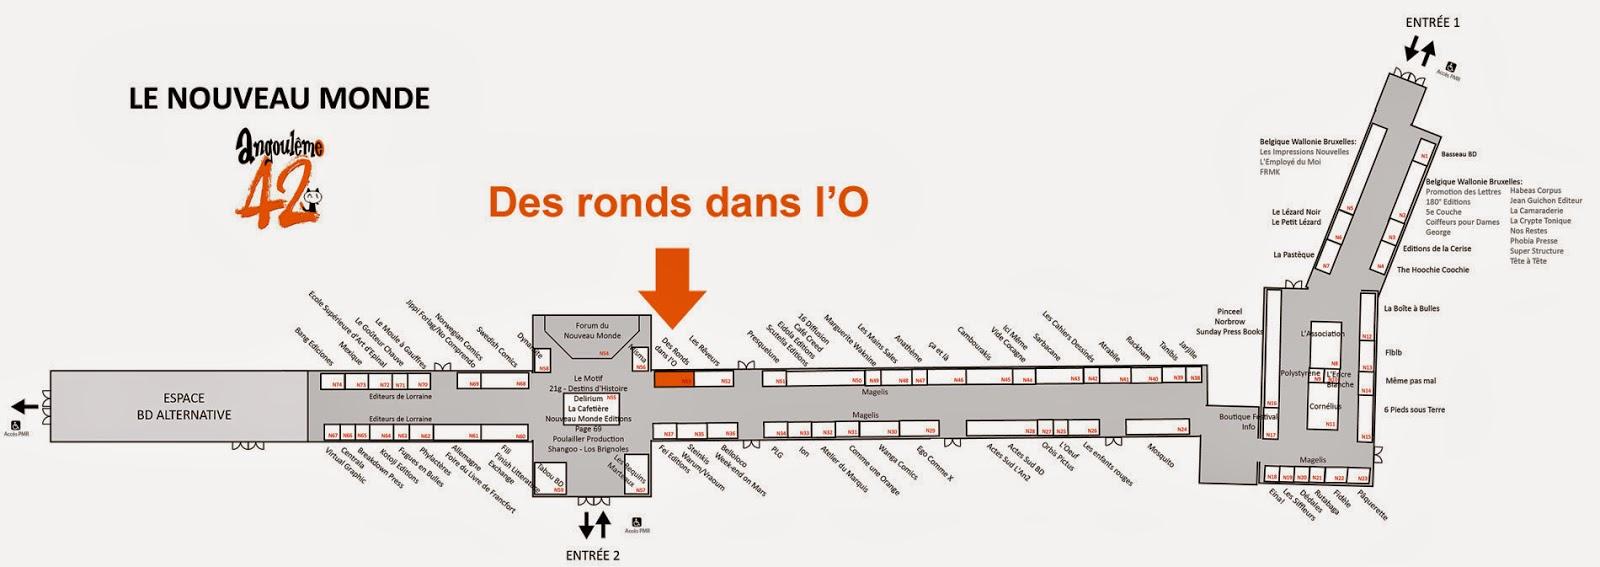 Plan du Nouveau Monde - FIBD Angoulême 2015 : agrandir (nouvelle fenêtre)